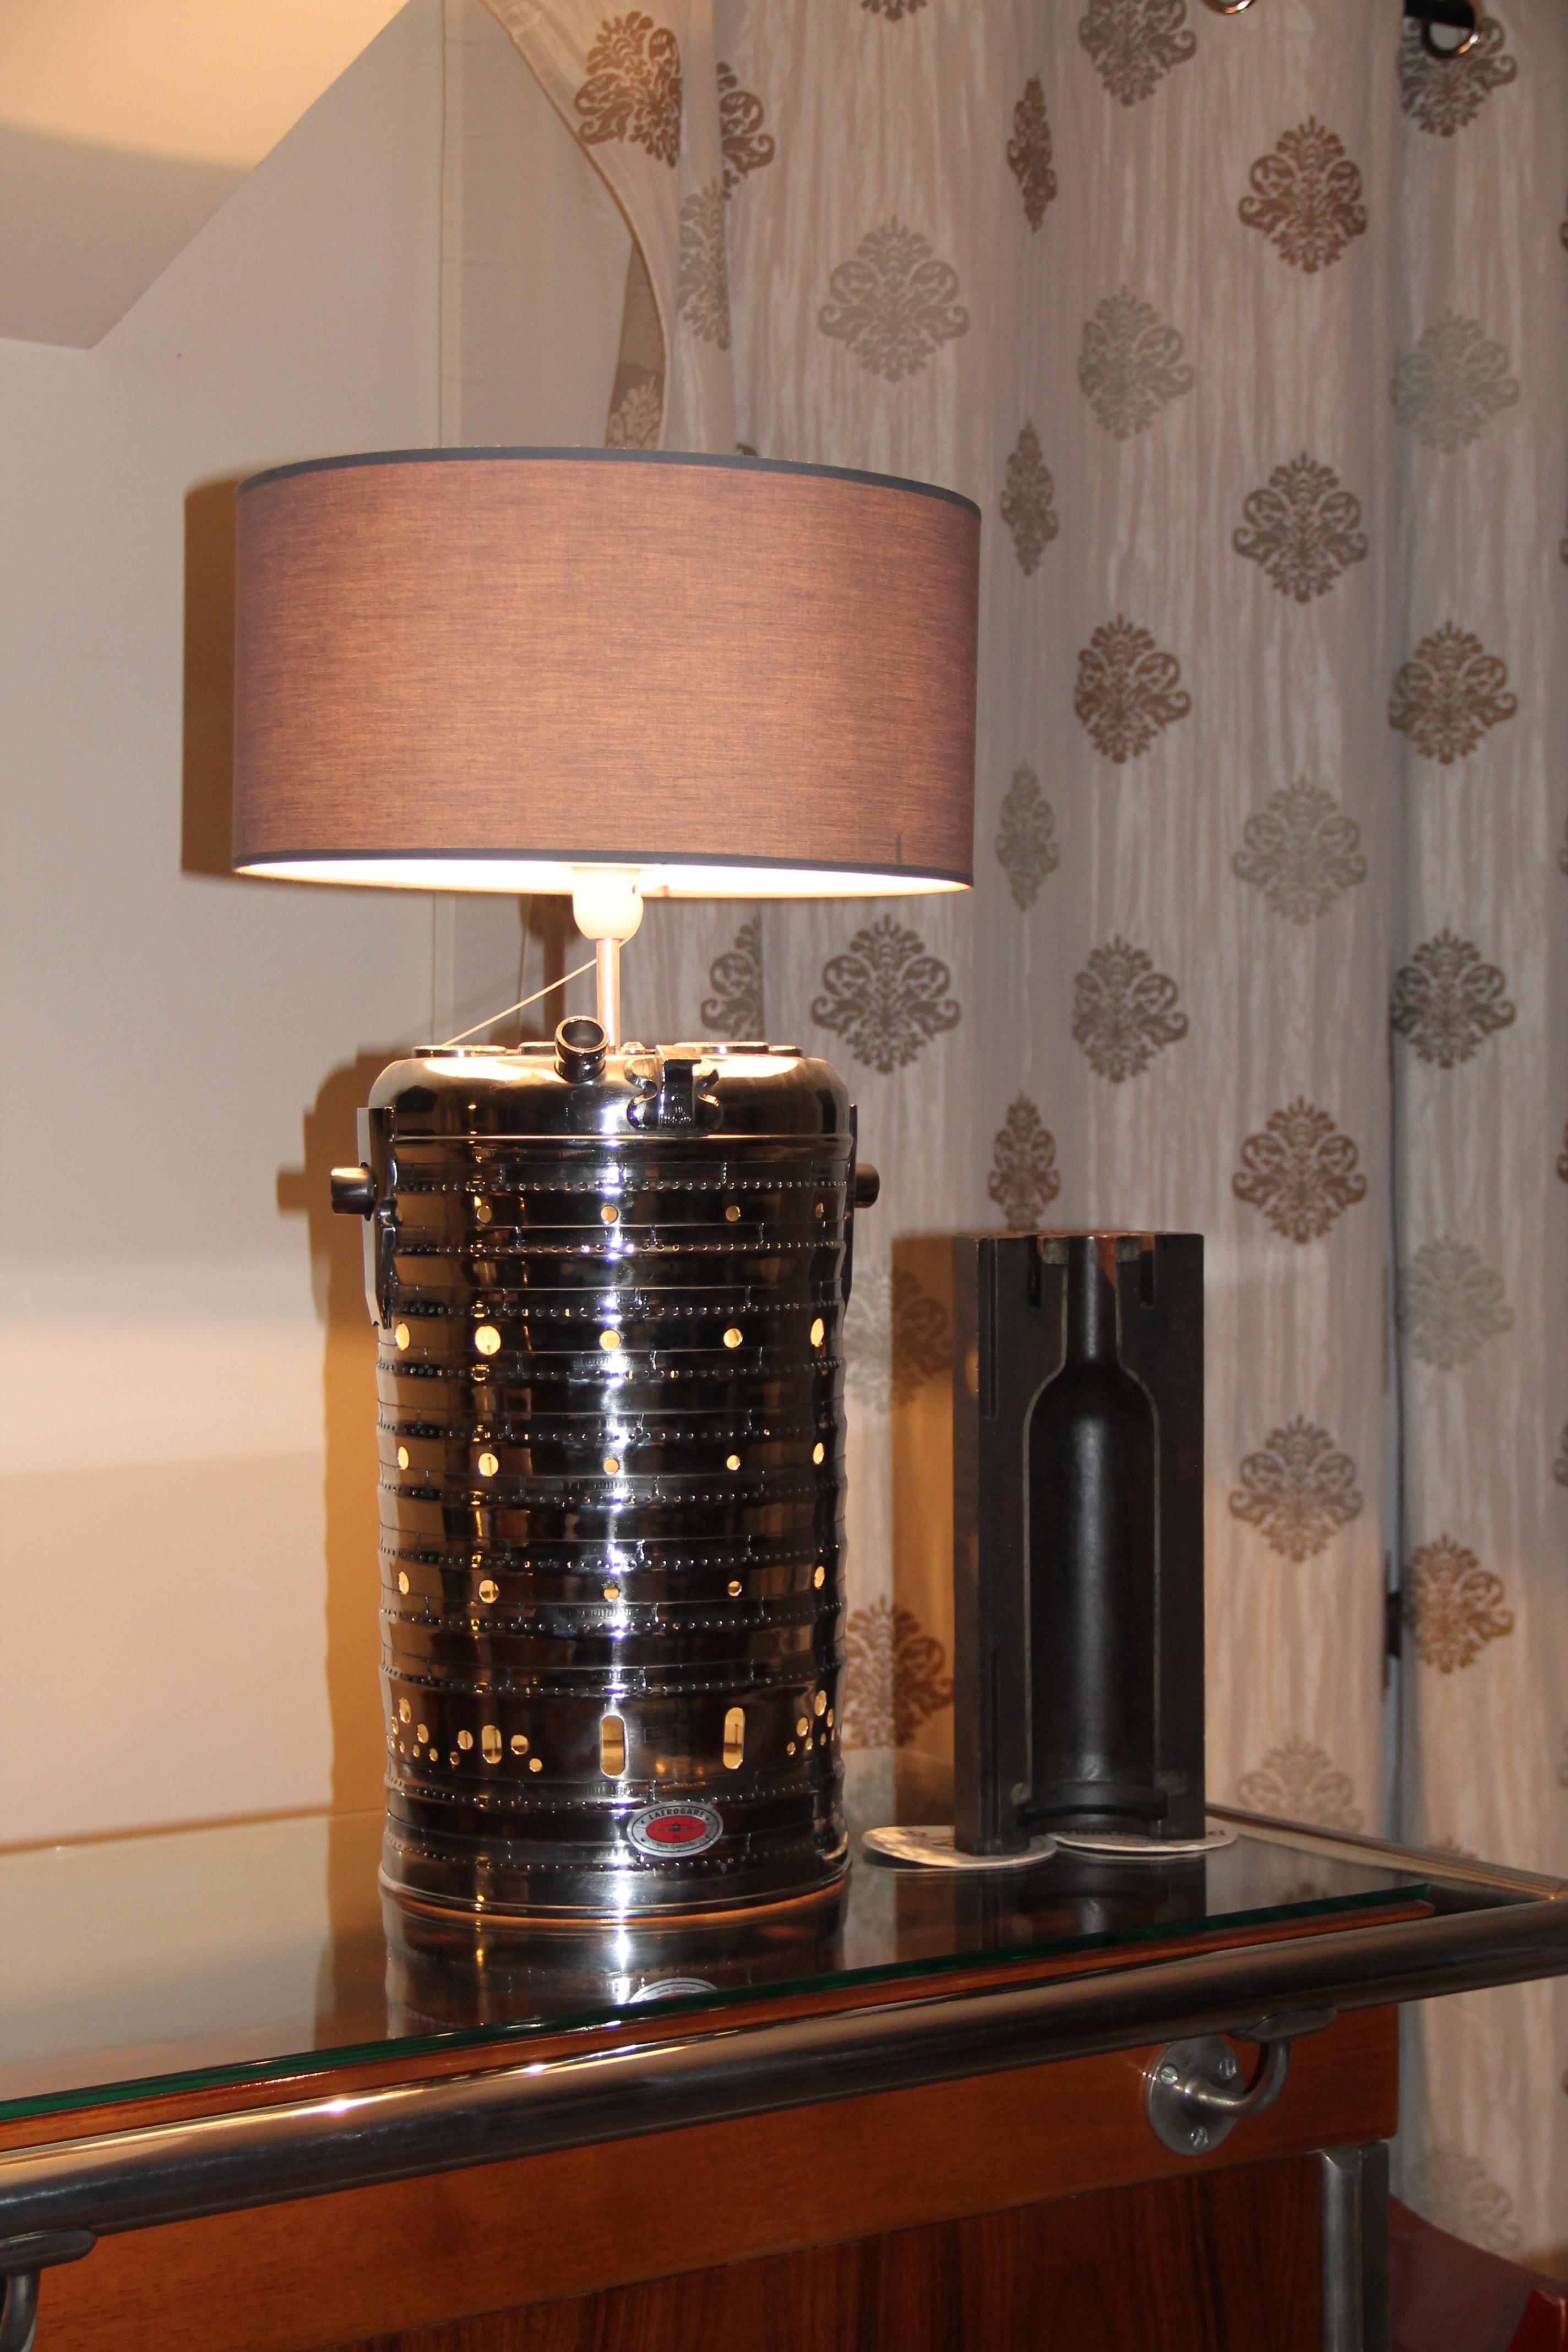 Lampe réalisée avec une chambre de combustion